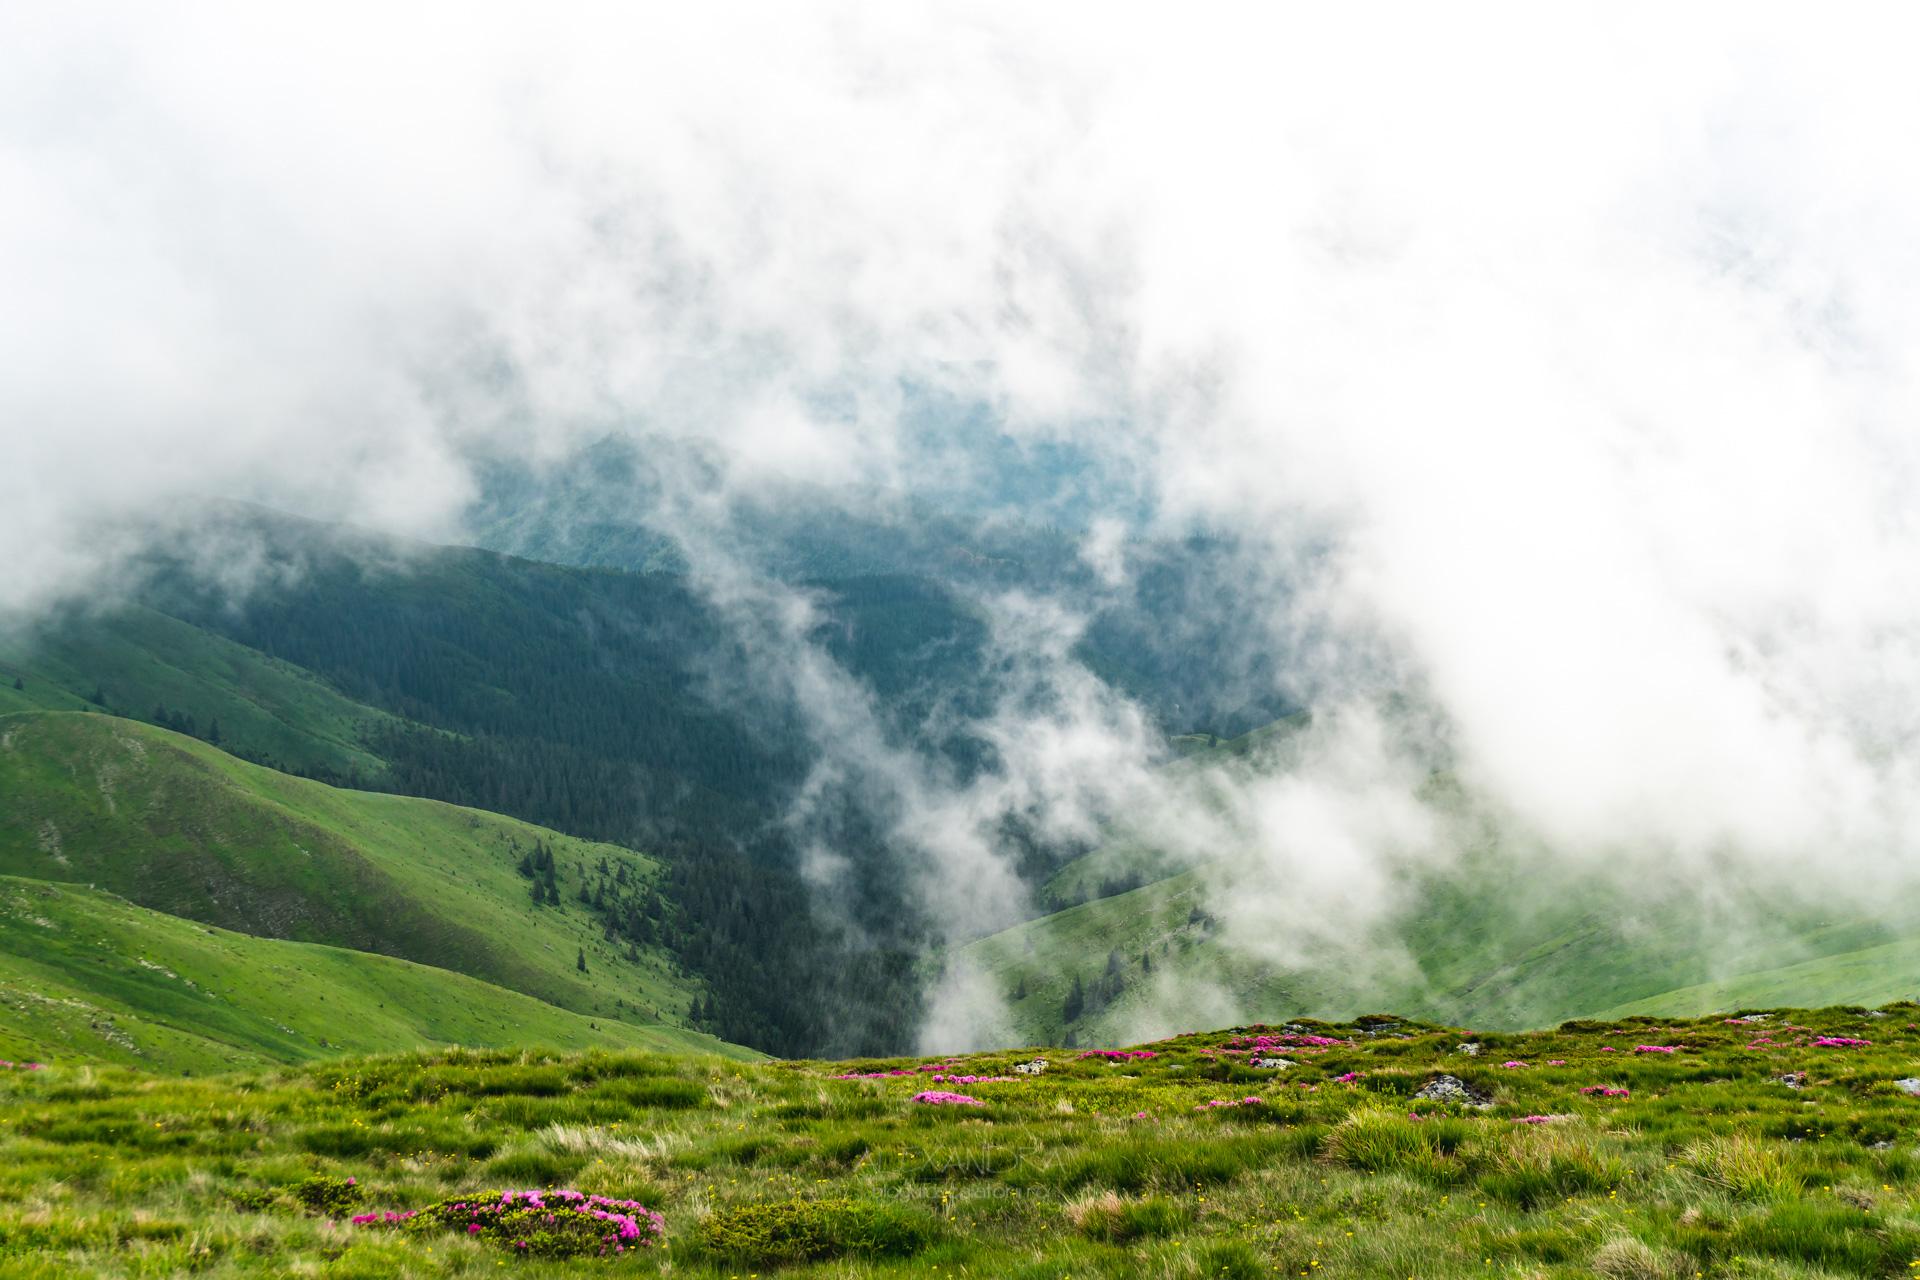 Munții Leaota